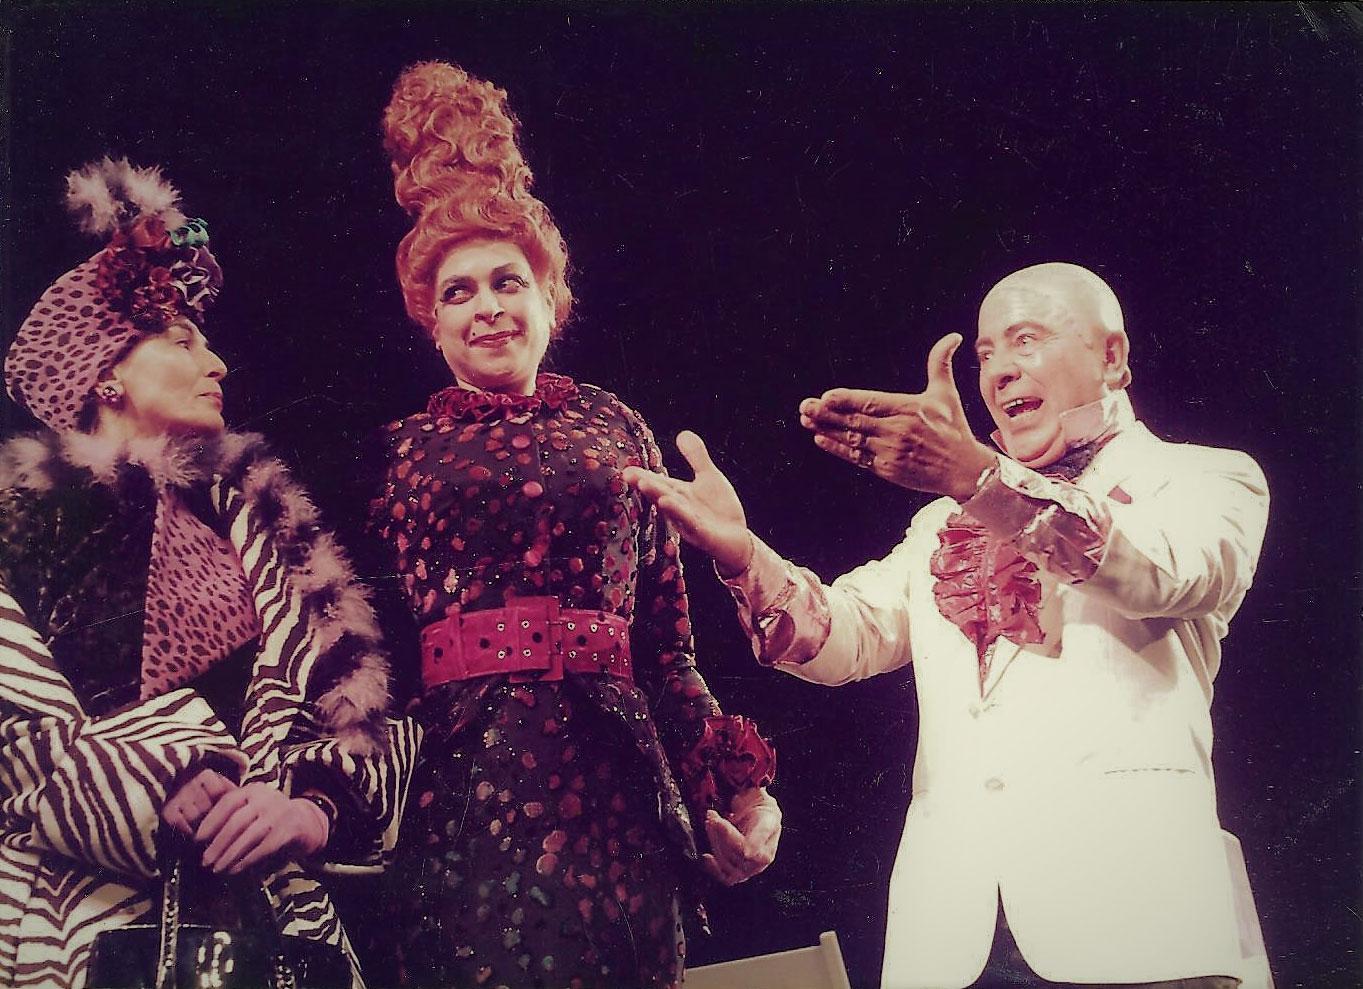 צילום: מורל דרפלר, באדיבות ארכיון התיאטרון הקאמרי